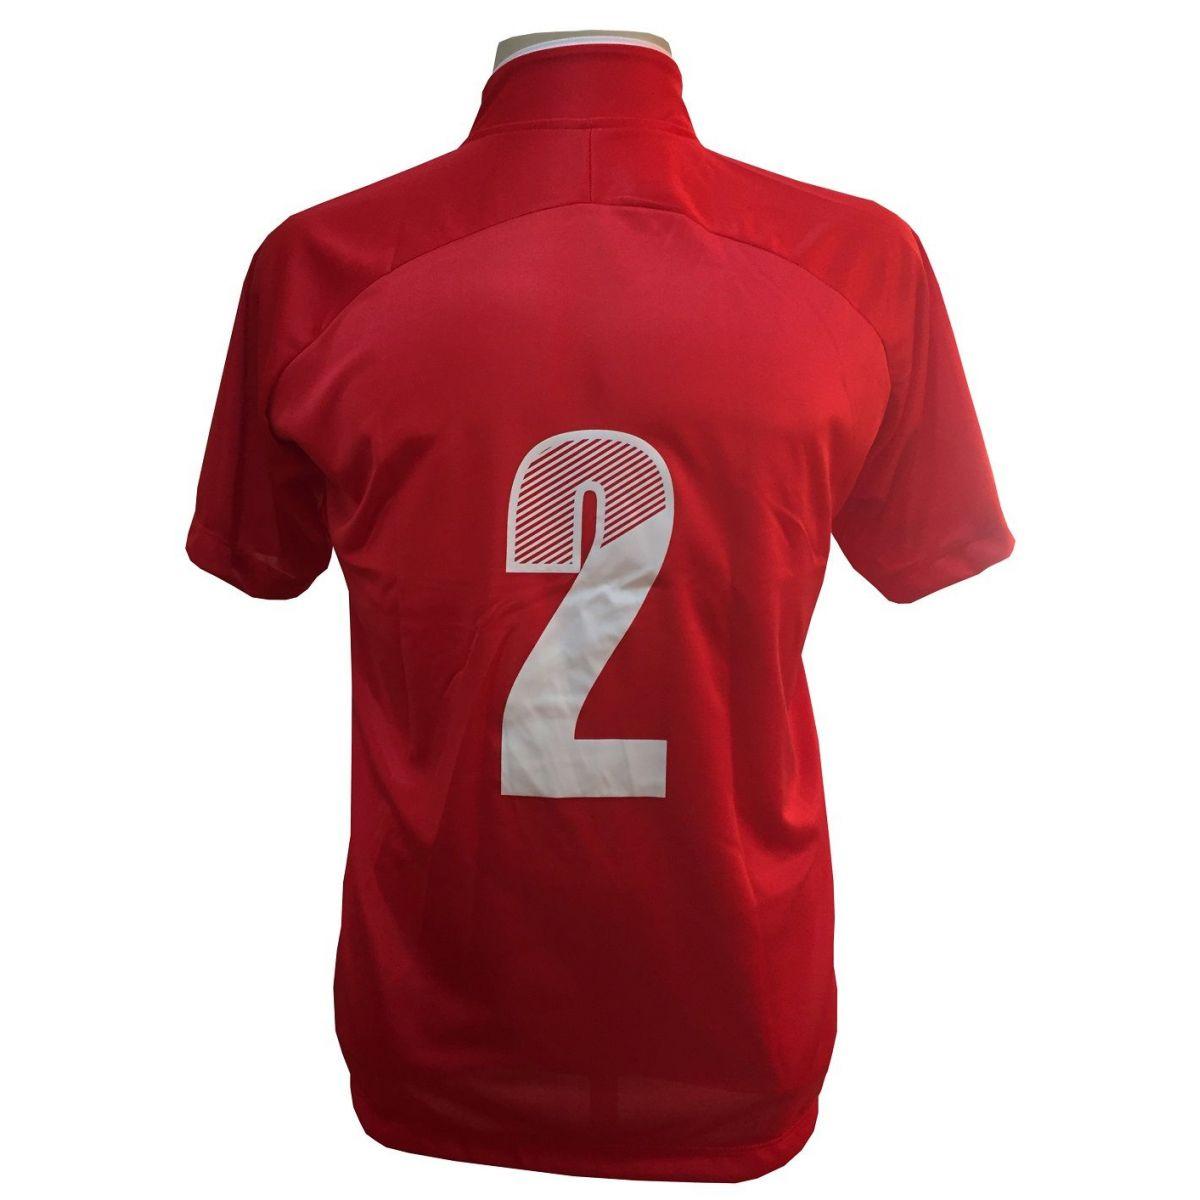 Jogo de Camisa com 12 unidades modelo City Vermelho/Branco + 1 Goleiro + Brindes